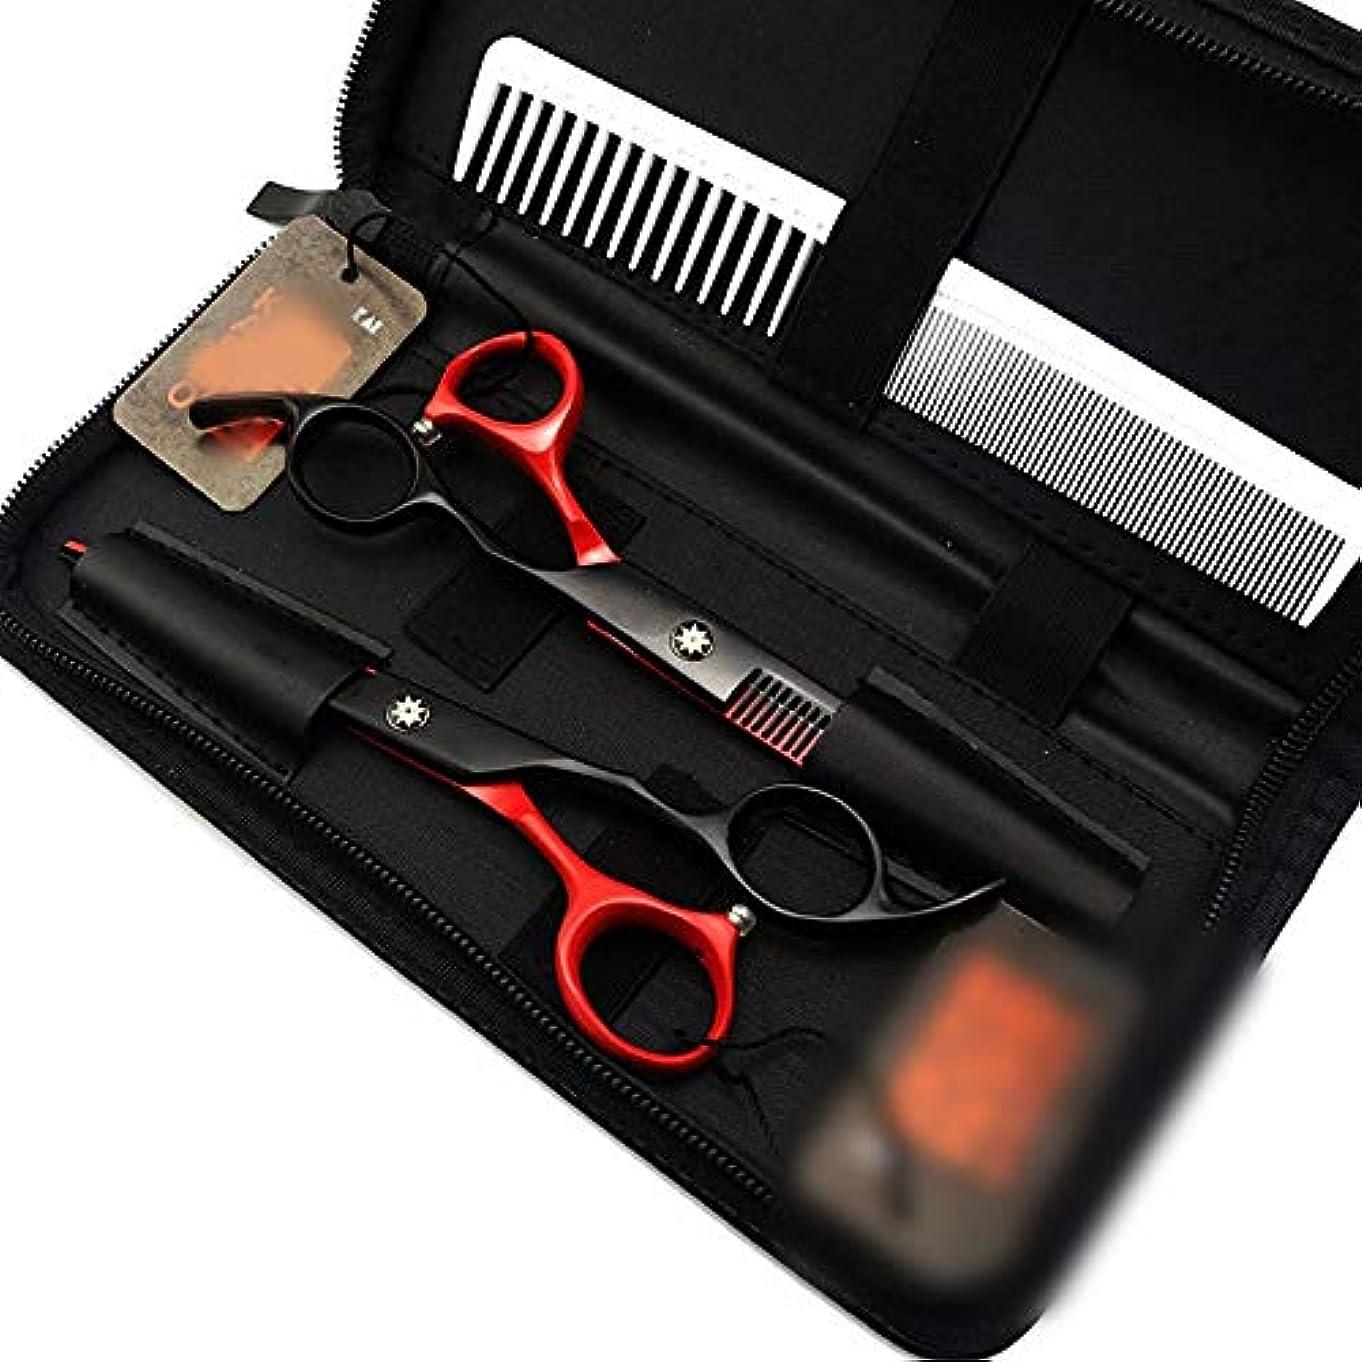 悪意のある駅トリム理髪用はさみ 6.0インチ黒赤フラット+歯はさみセット、プロの理髪はさみツールセットヘアカットはさみステンレス理髪はさみ (色 : Black red)